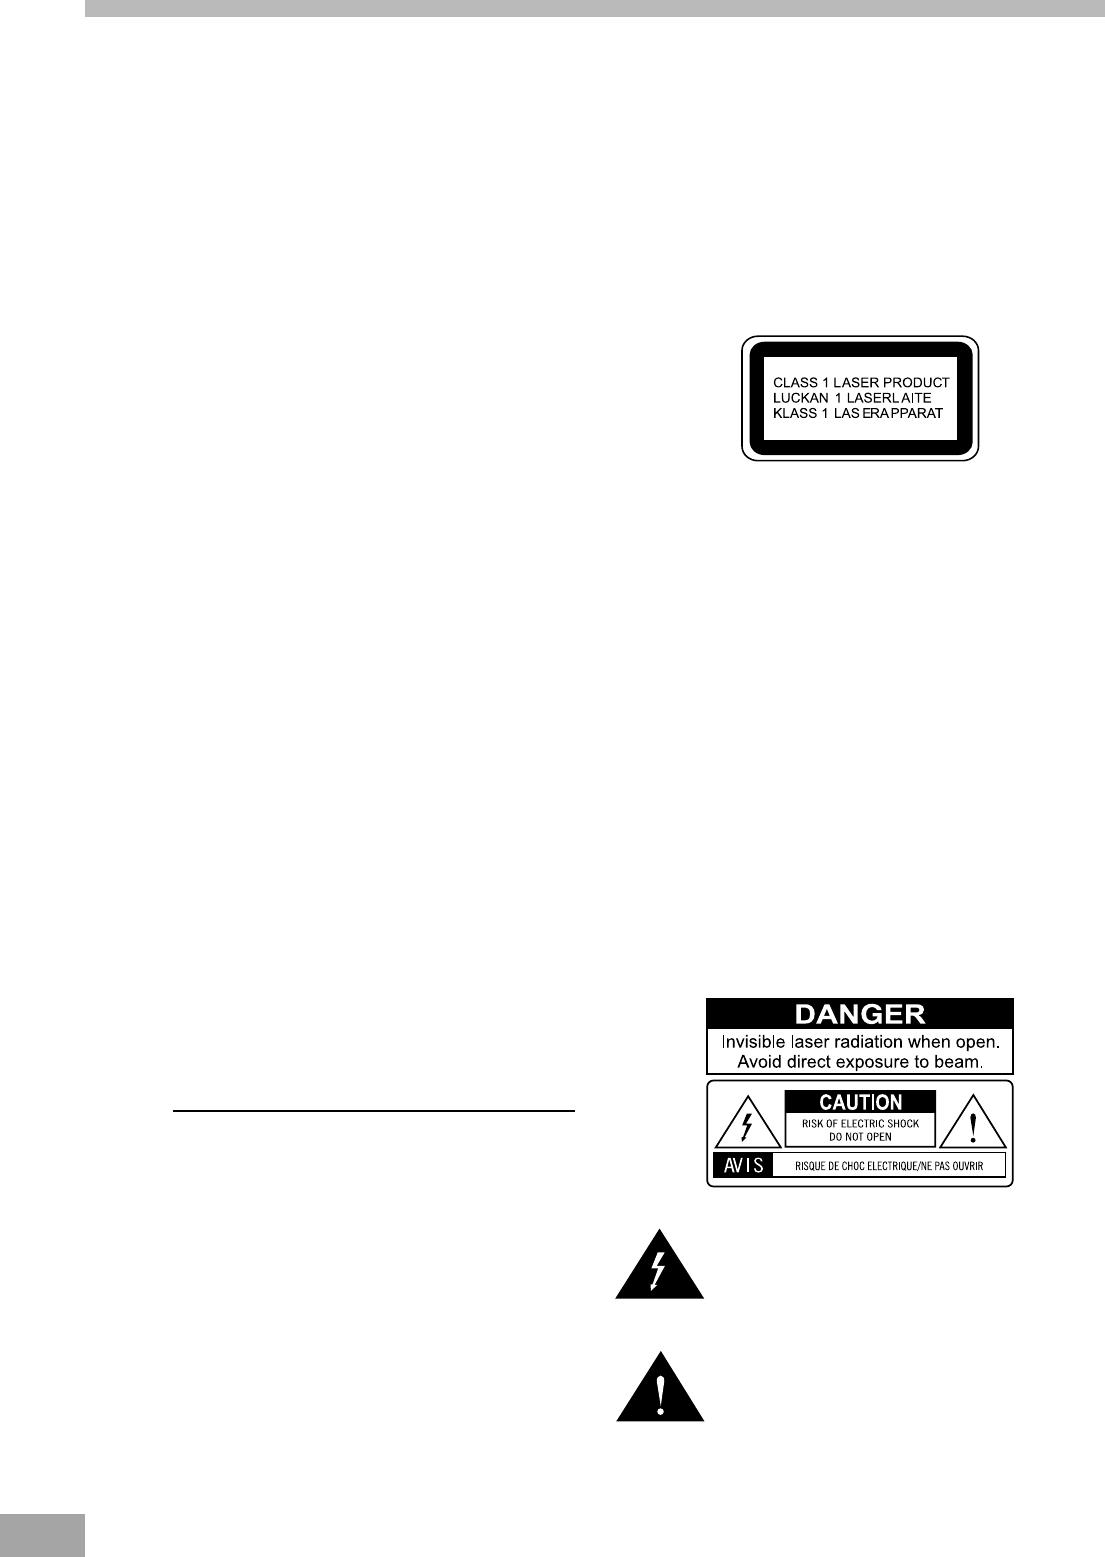 Koss Home Theater System KS4380-2 User Guide